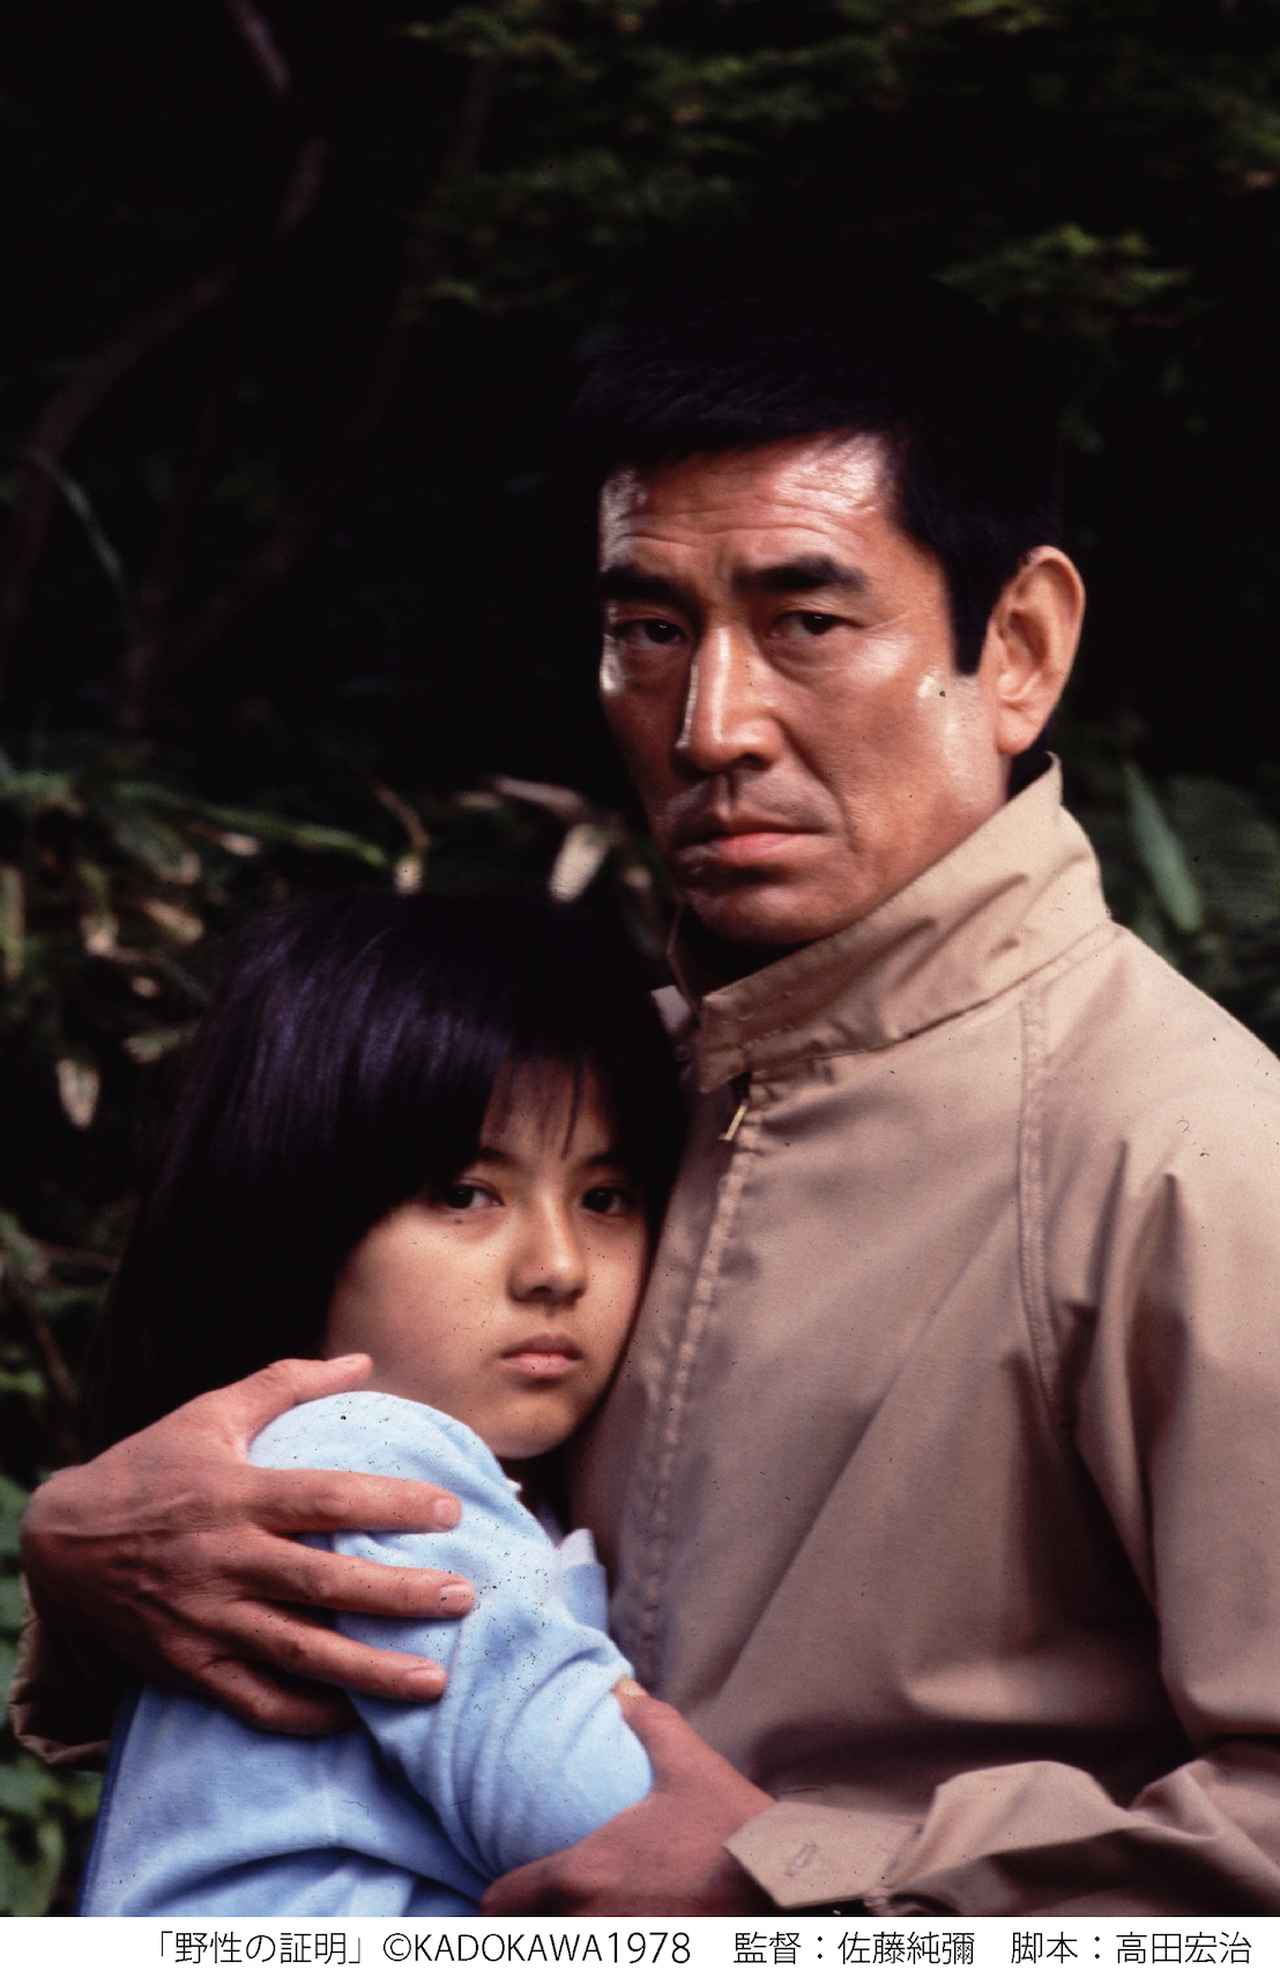 画像: 『野性の証明』(1978)「お父さん、こわいよ!なにか来るよ。大勢で、お父さんを殺しに来るよ!」